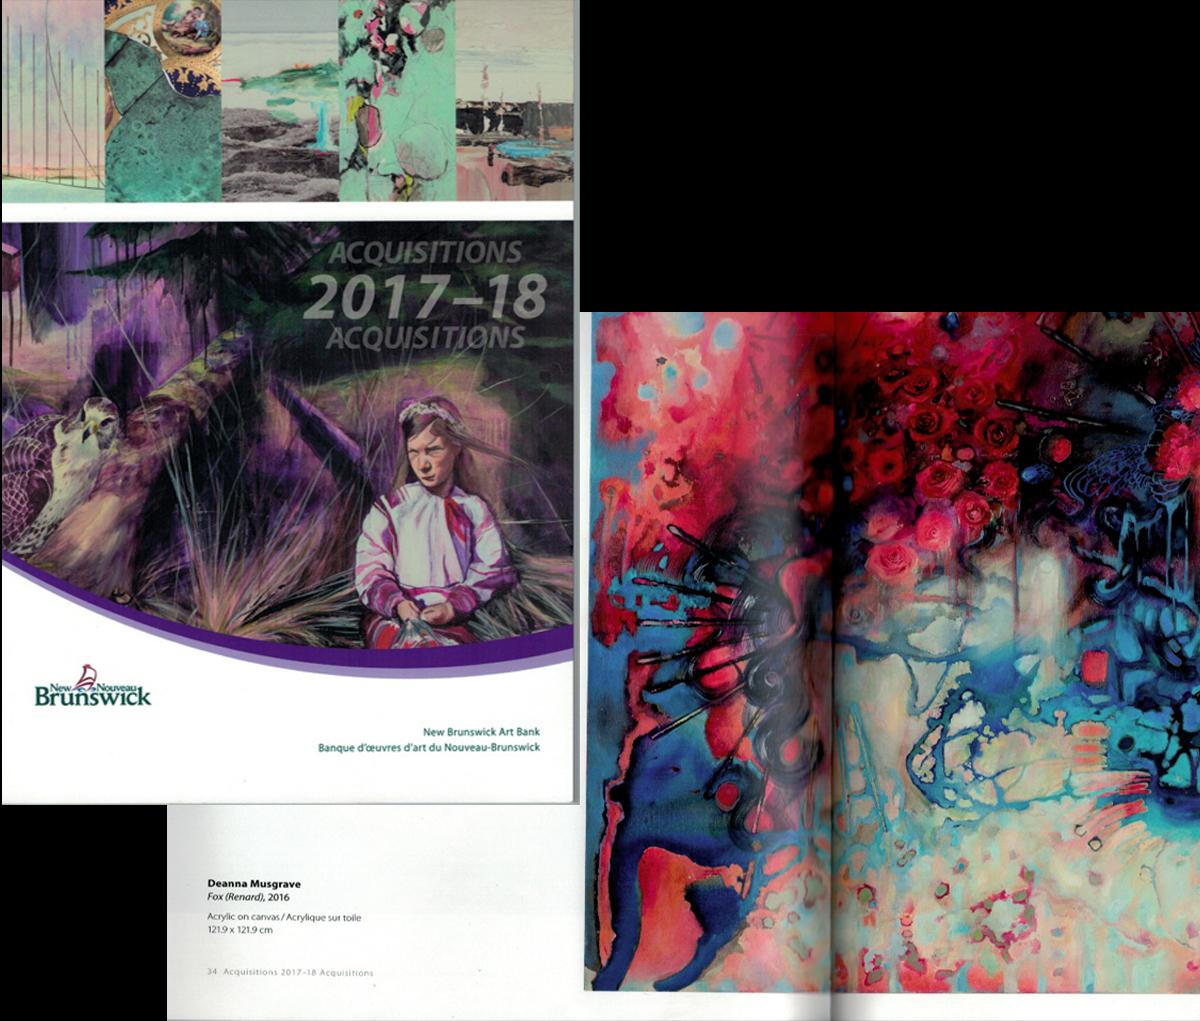 New Brunswick Art Bank Acquisitions 2013-2014